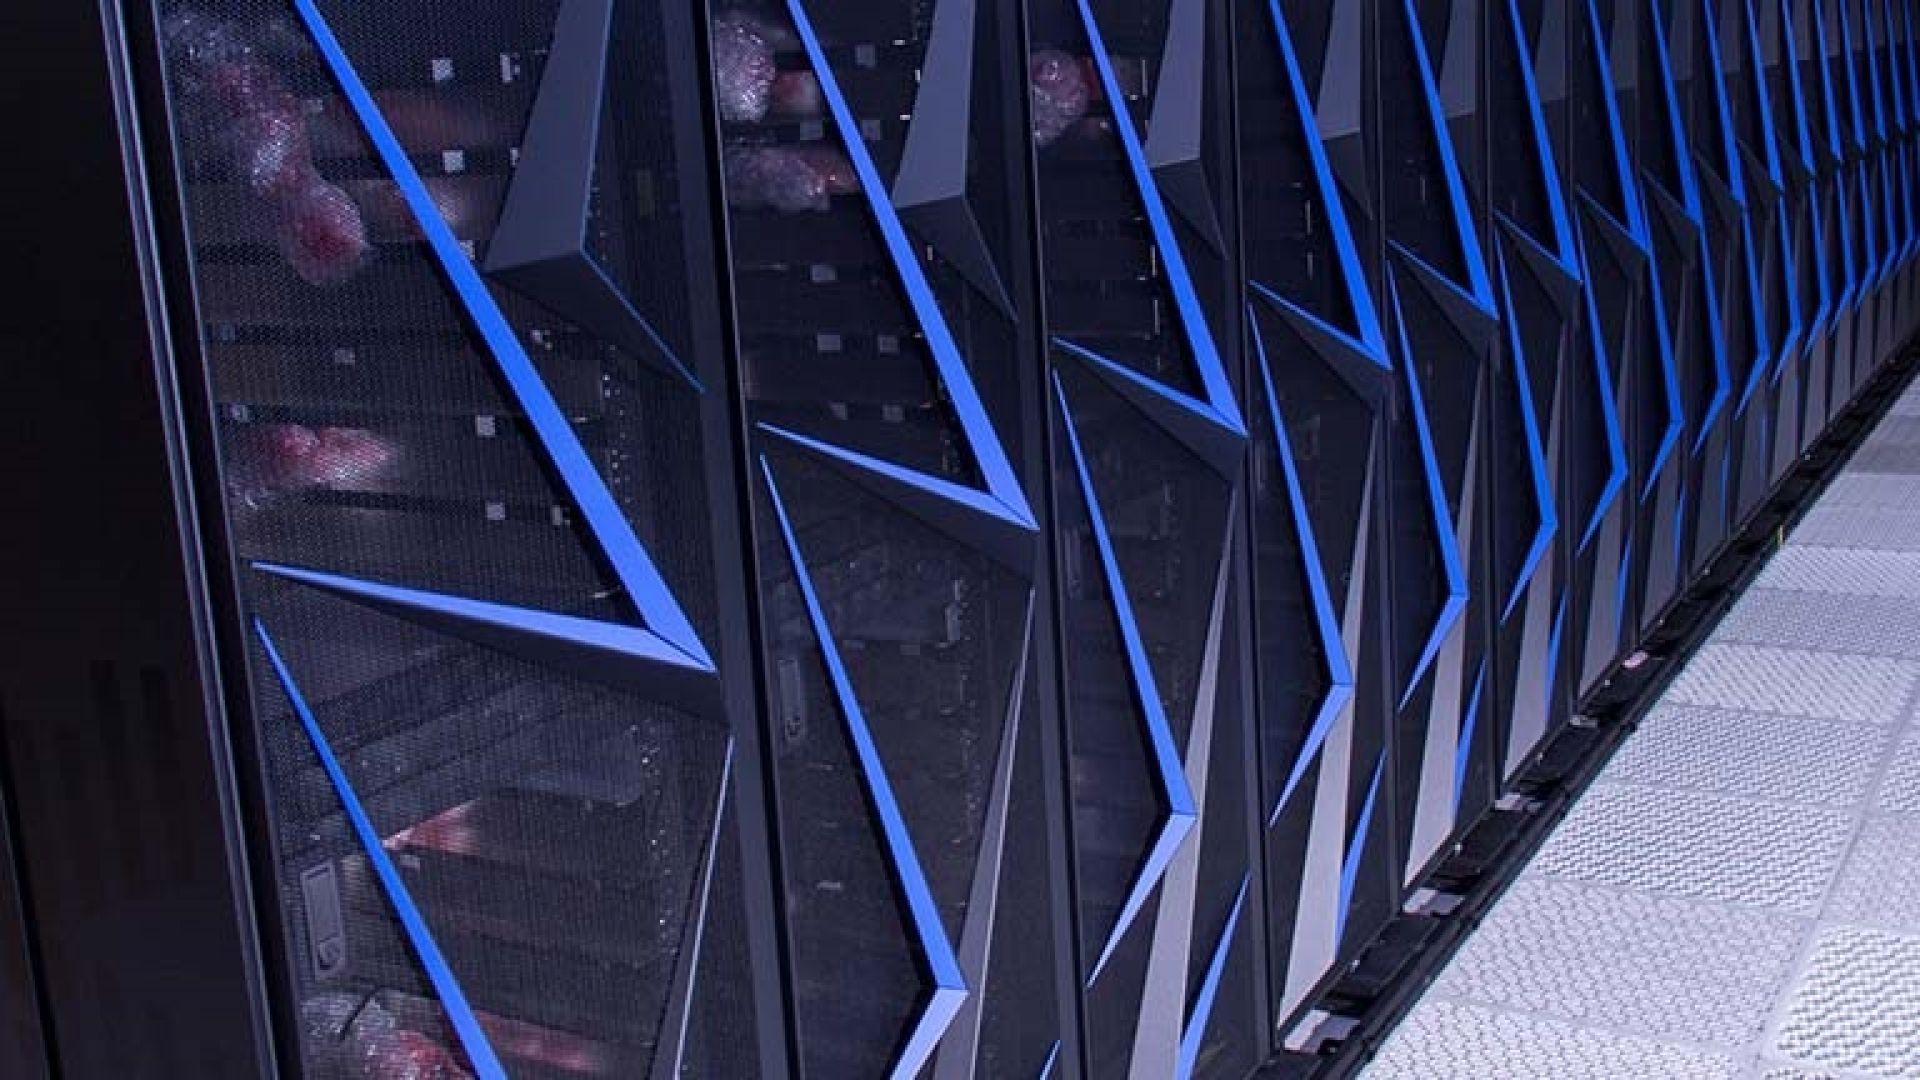 САЩ поръчаха най-мощния суперкомпютър в света